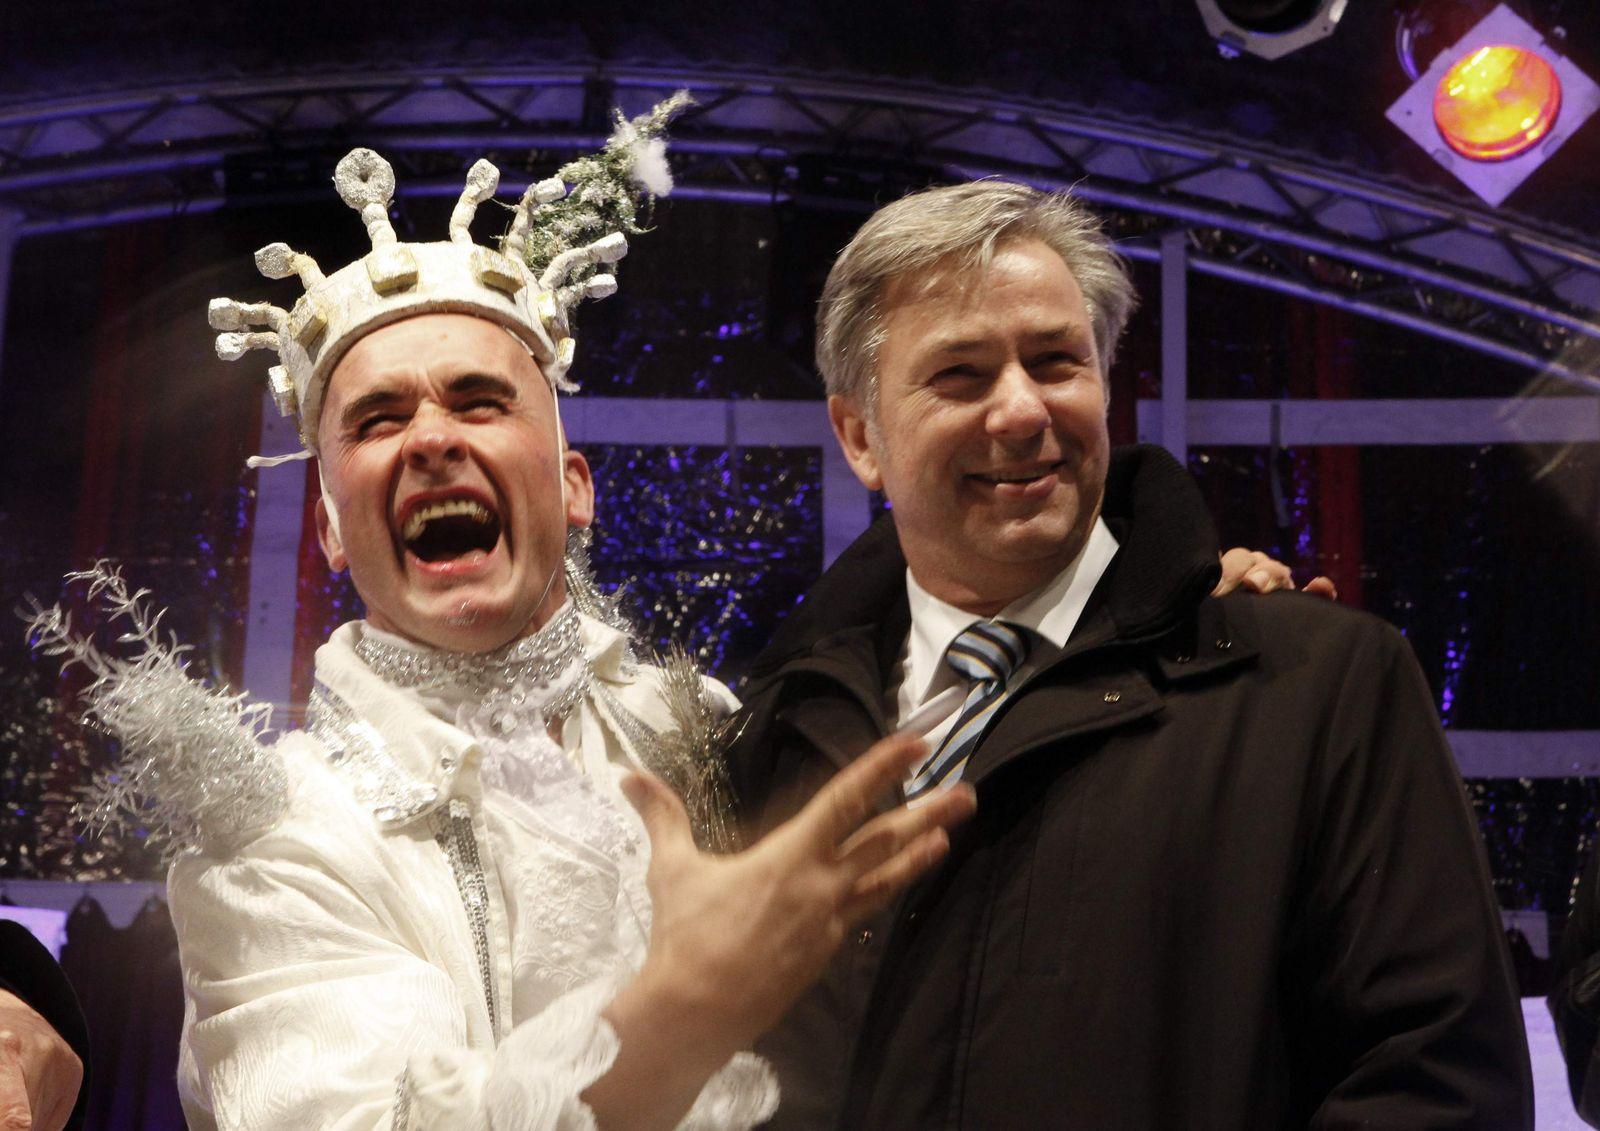 Klaus Wowereit mit Kerl im Schneeflockenkostüm